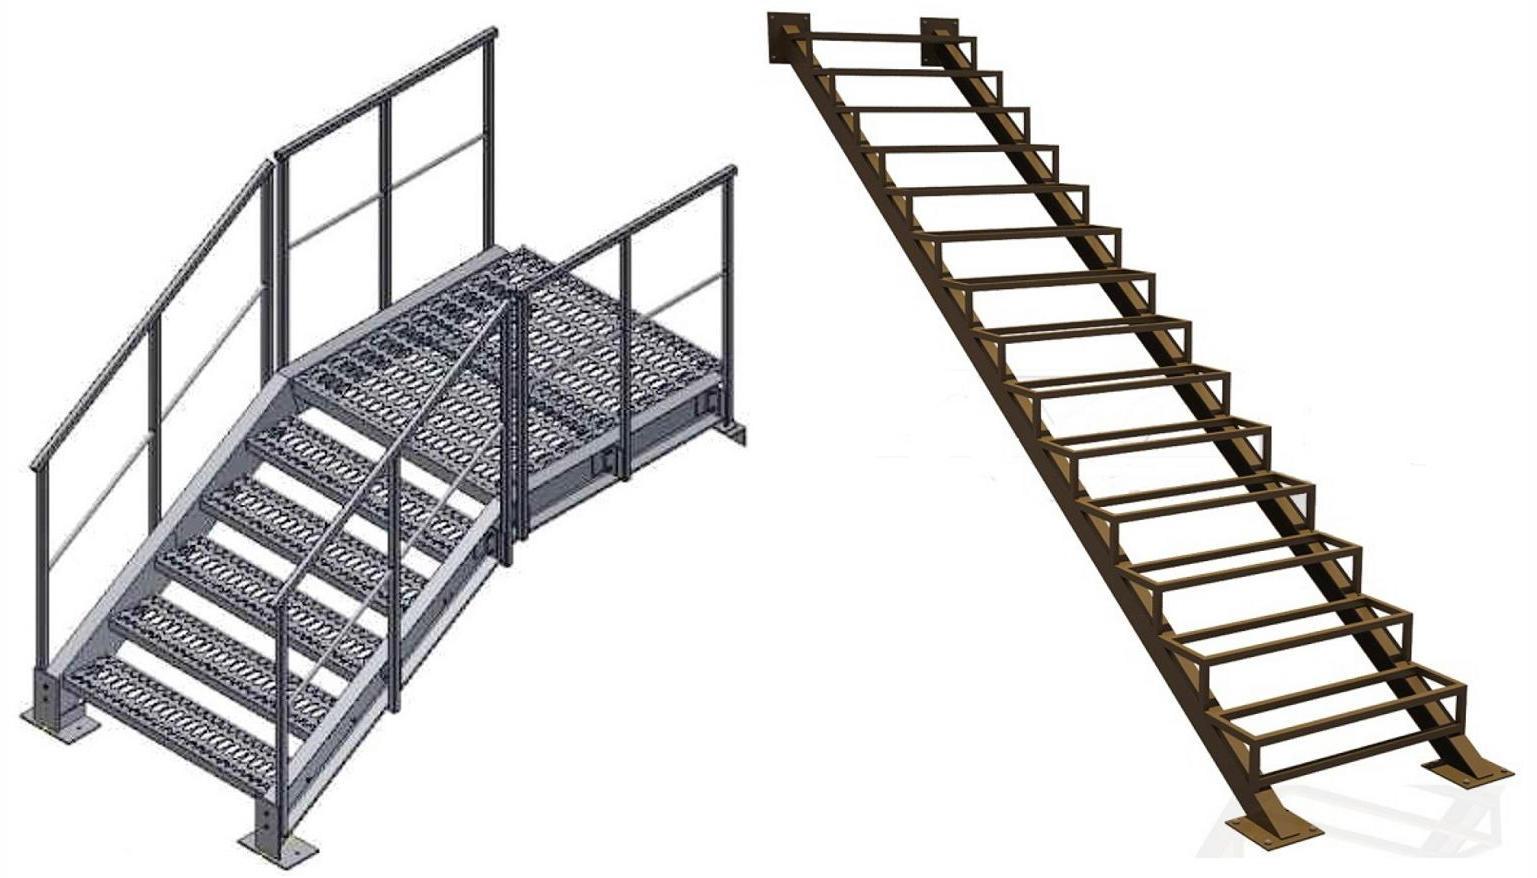 Лестницы из металла в Пятигорске и КМВ. Металлические лестницы в Пятигорске и КМВ.